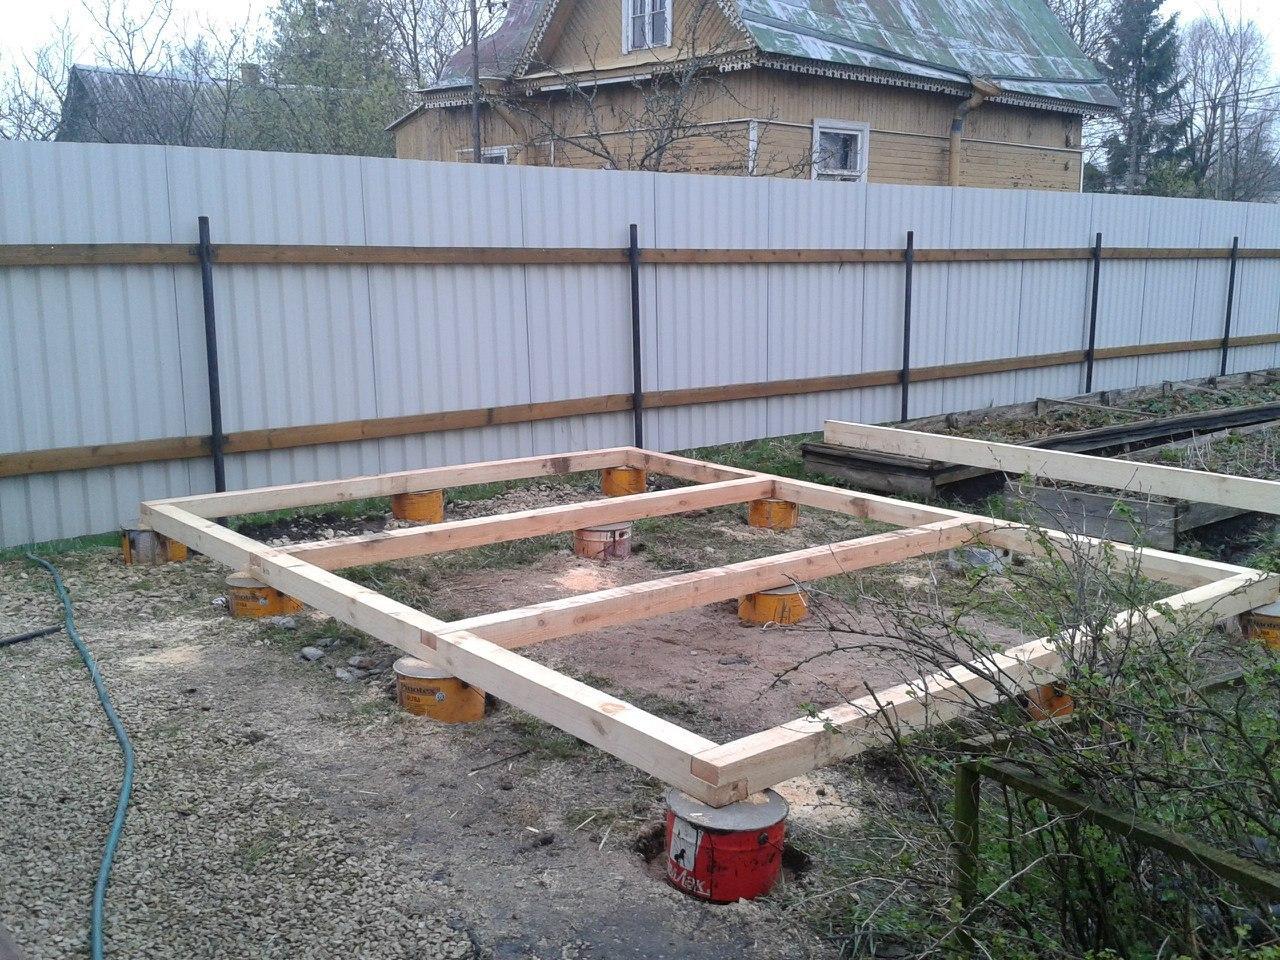 Как недорого построить баню своими руками быстро и без ошибок: этапы строительства, инструкция